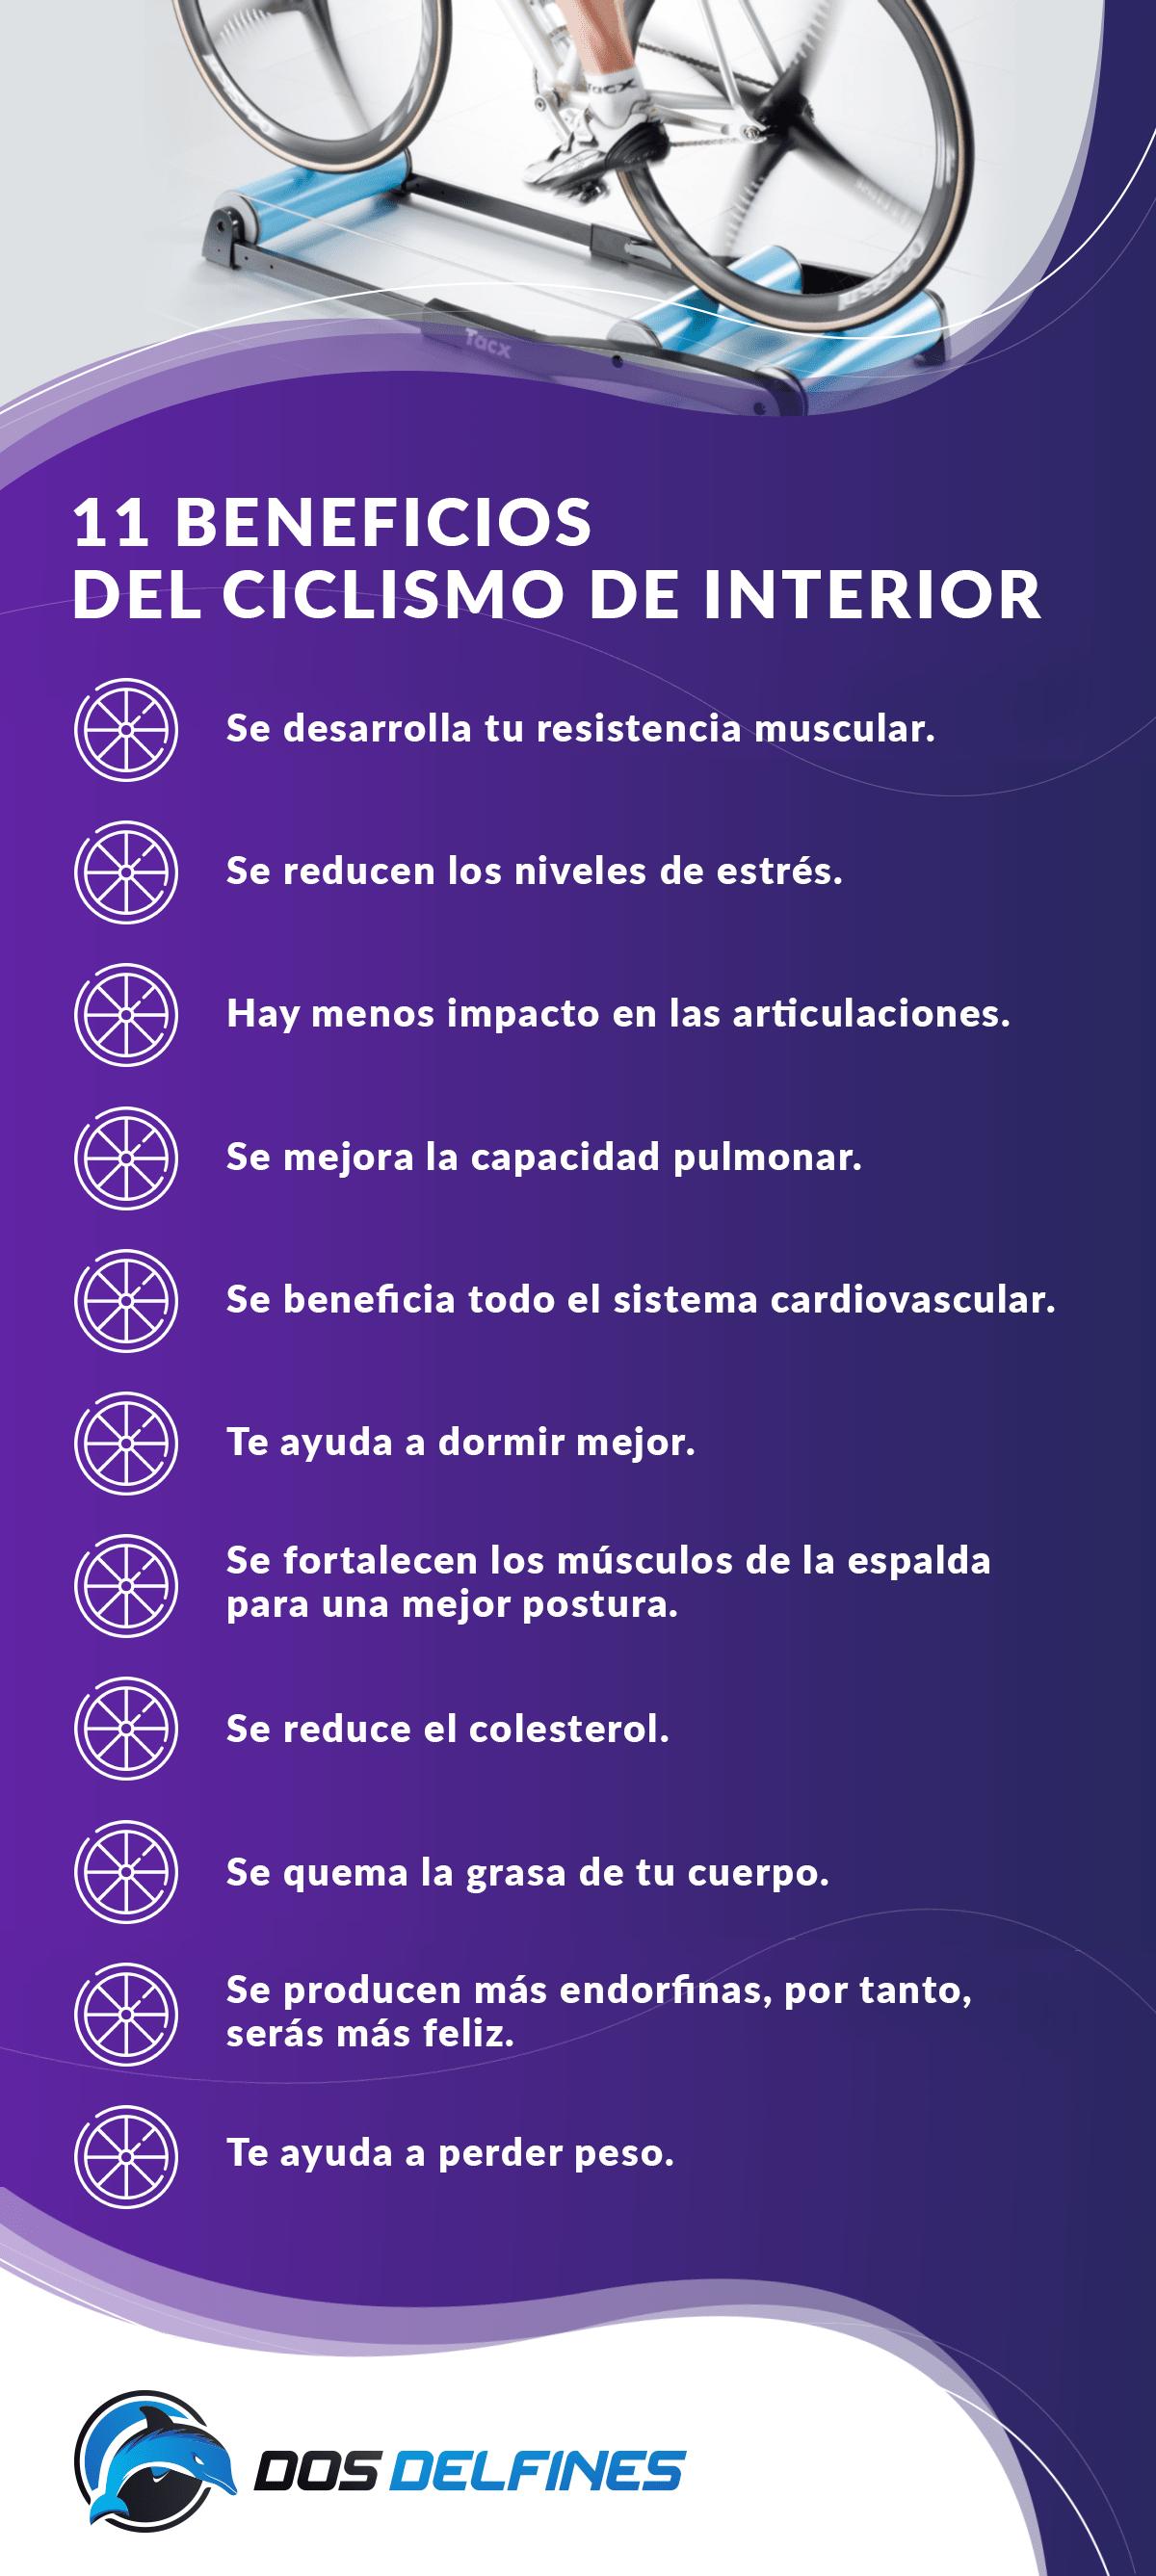 beneficios del ciclismo de interior - dosdelfines.es